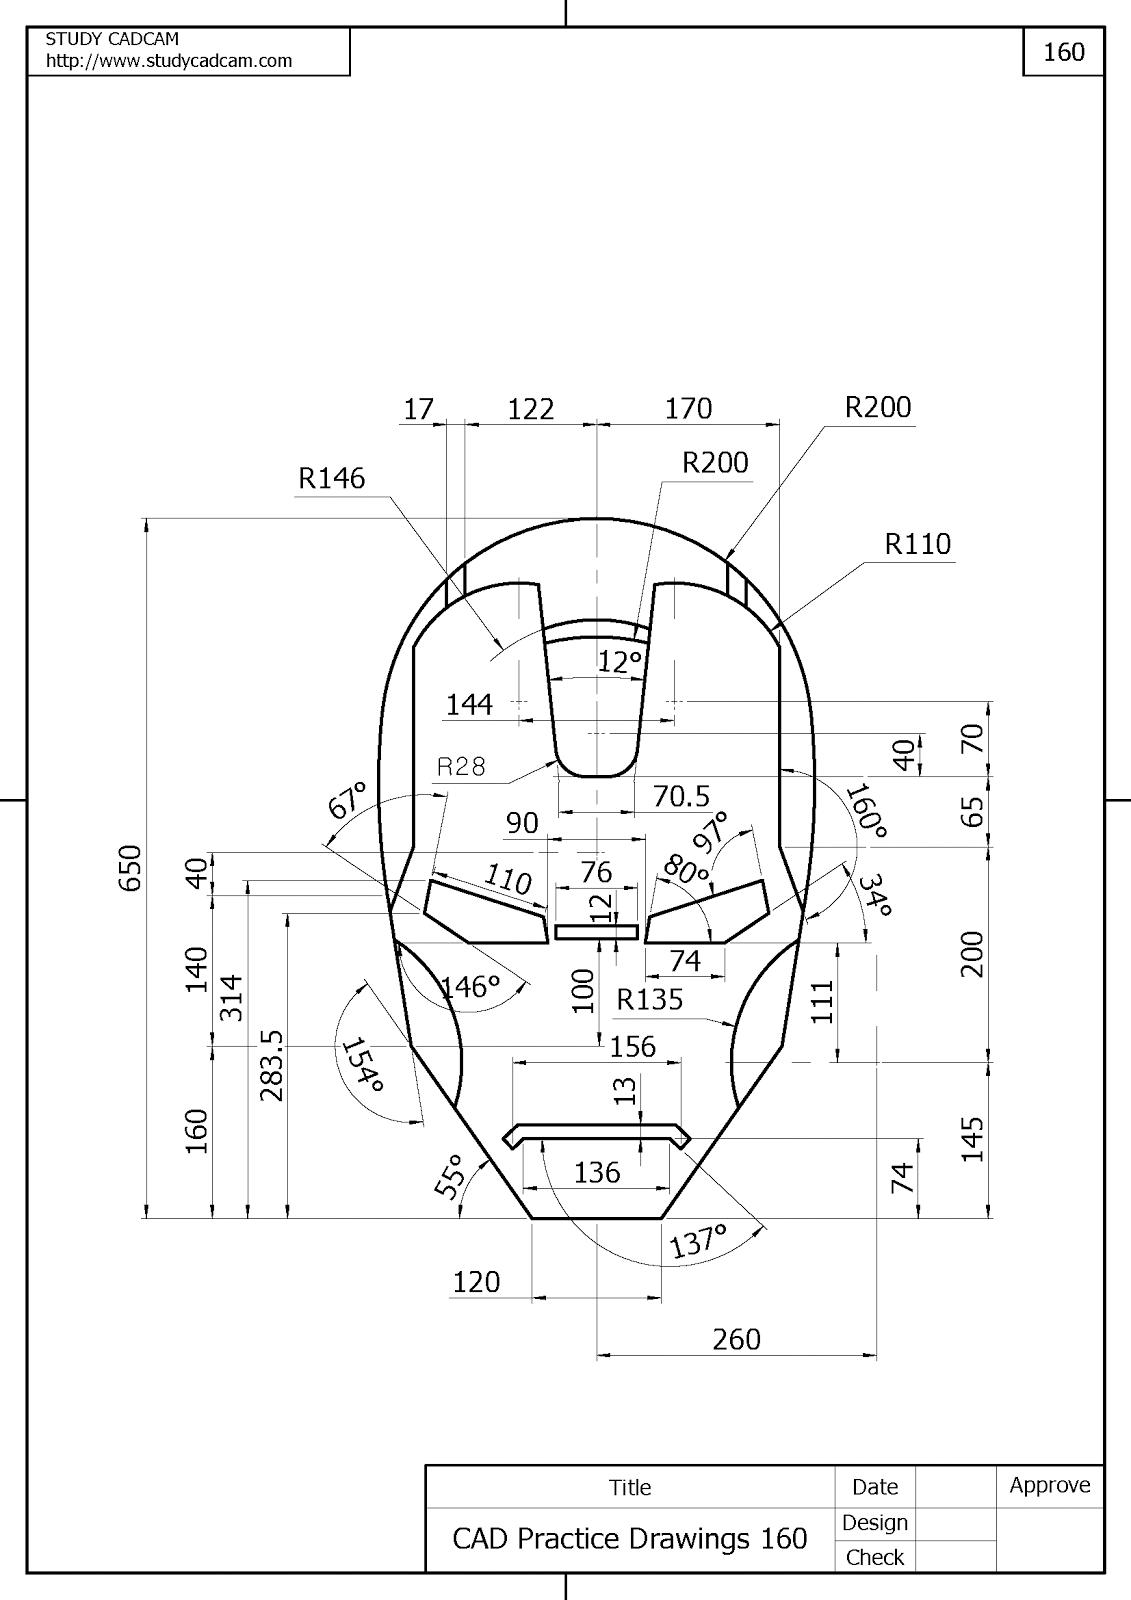 brass knuckles diagram 1999 jeep grand cherokee power window wiring Ömer karaduman adlı kullanıcının cizim panosundaki pin